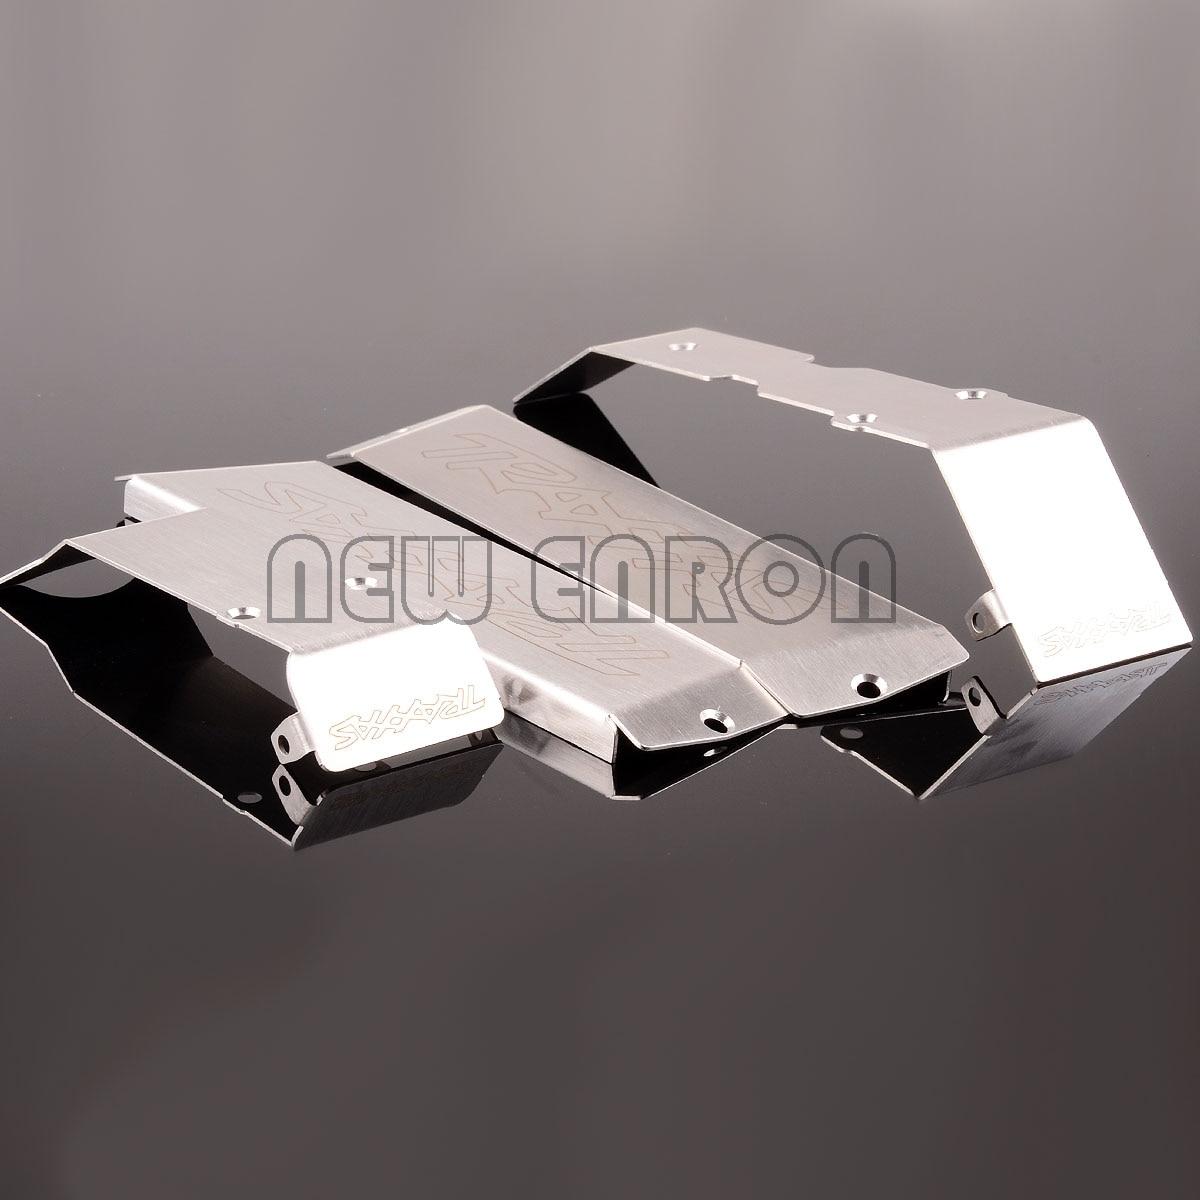 nova enron aco inoxidavel chassis armadura protecao skid placa rvo2pa para 1 10 1 10